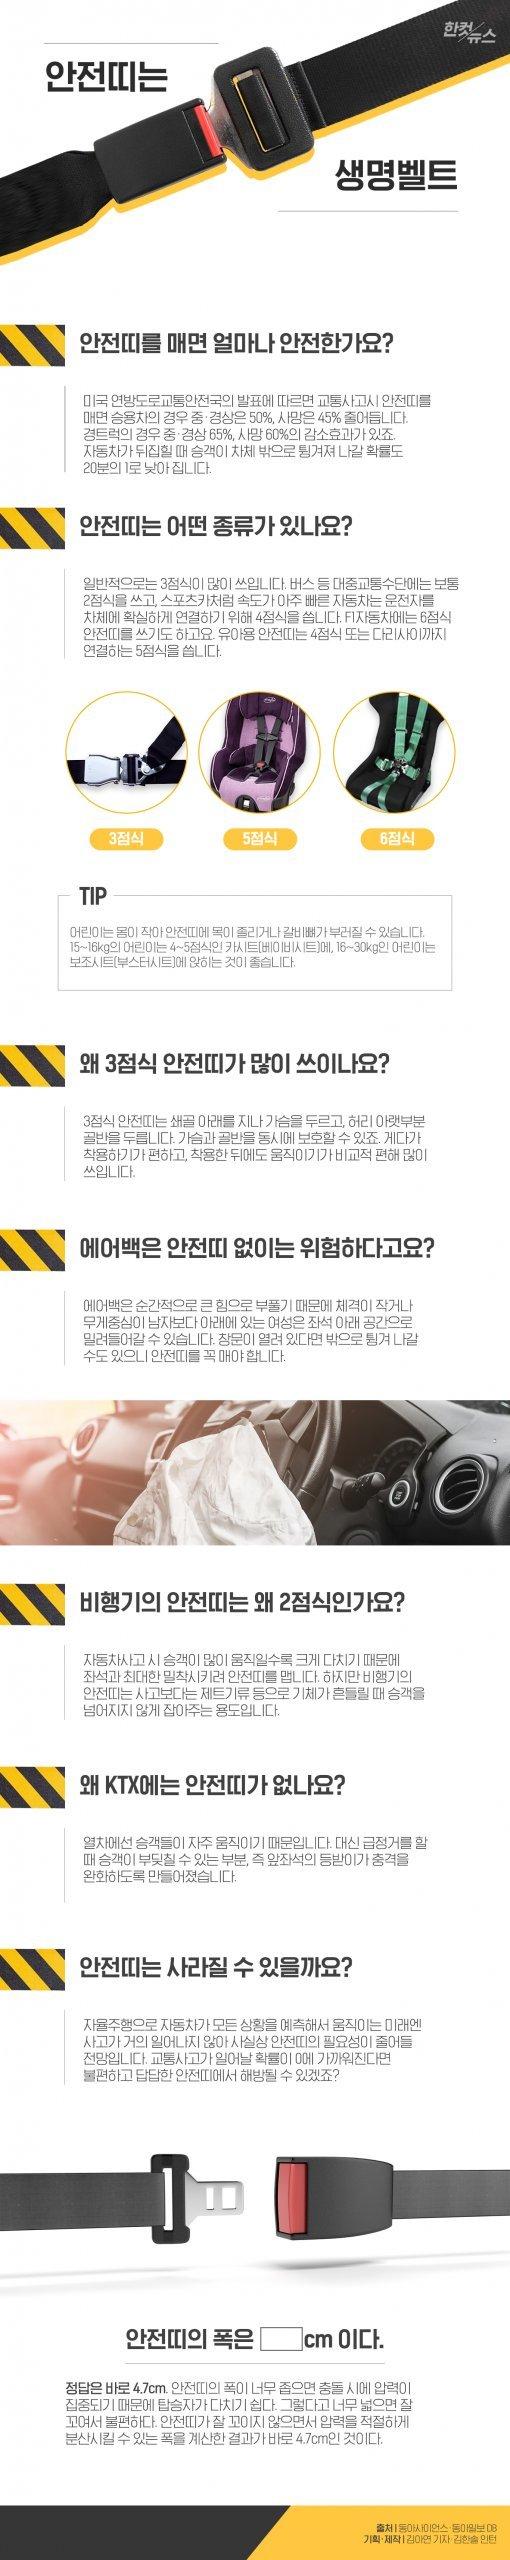 [한컷뉴스]자동차 안전띠는 생명벨트? 궁금증 7가지